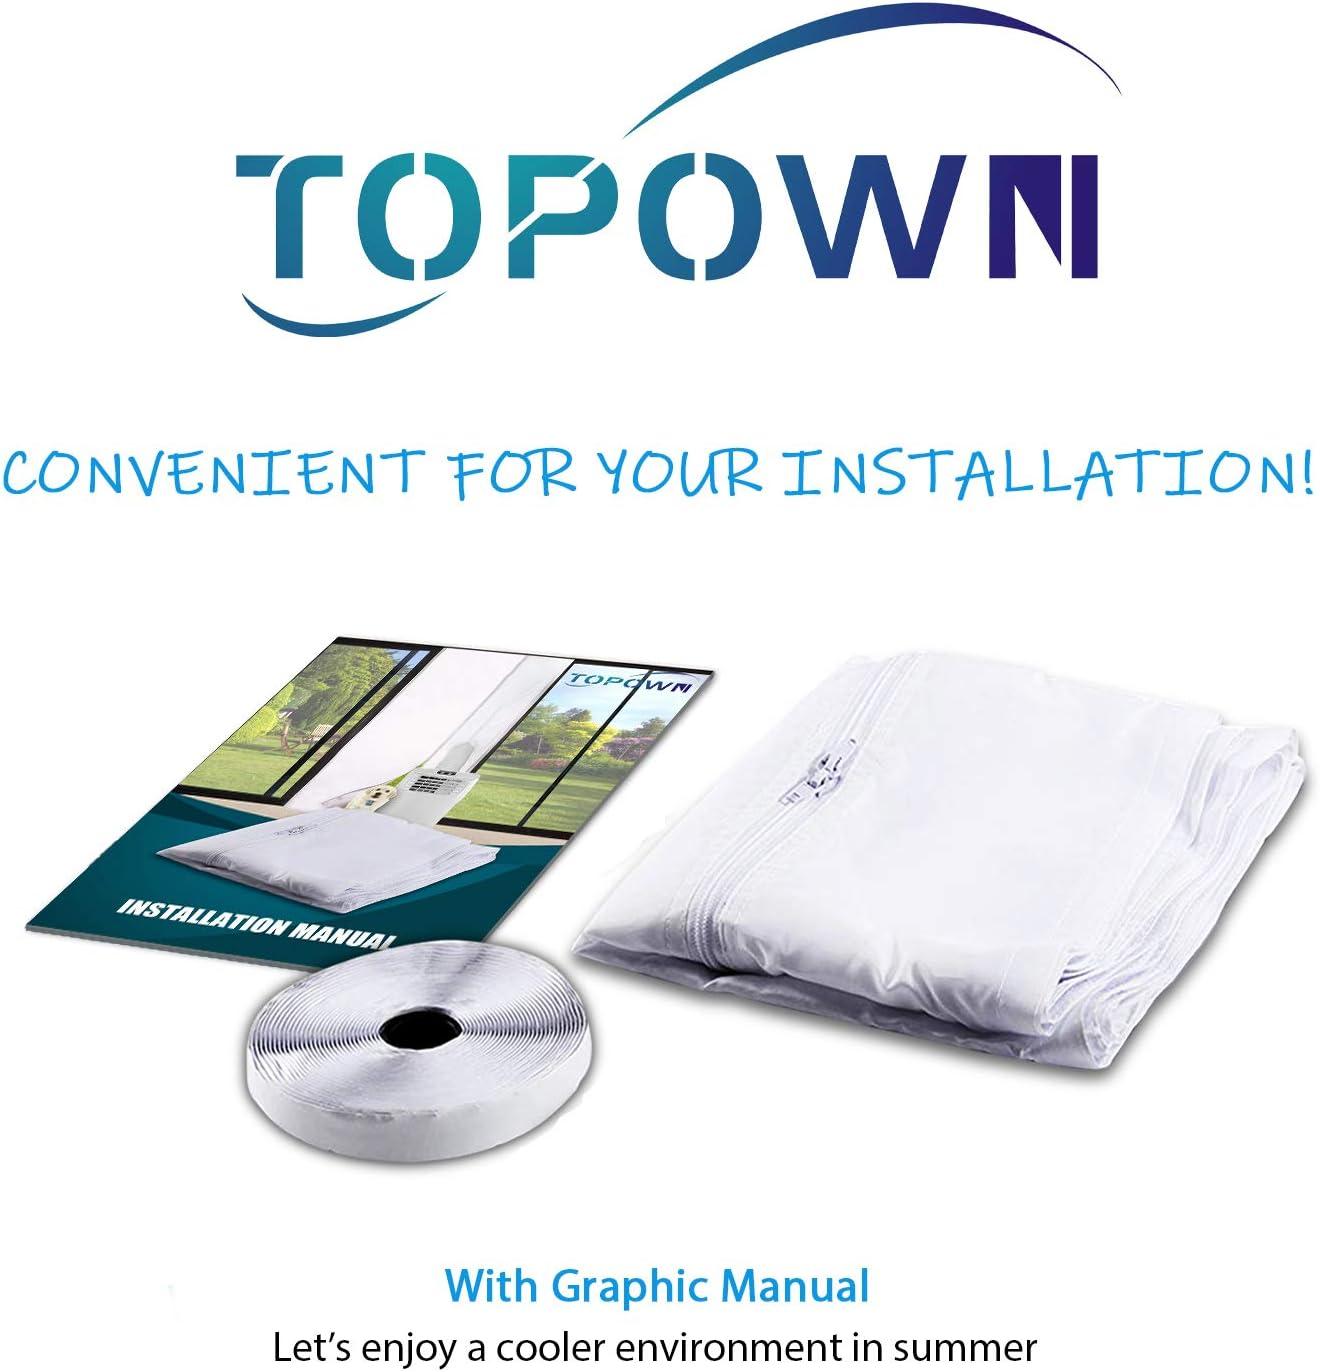 TOPOWN 15cm Kit Ventana Adaptador de Ventana 6  Conector de Adaptador de Ventana para Aire Acondicionado port/átil F/ácil de Instalar